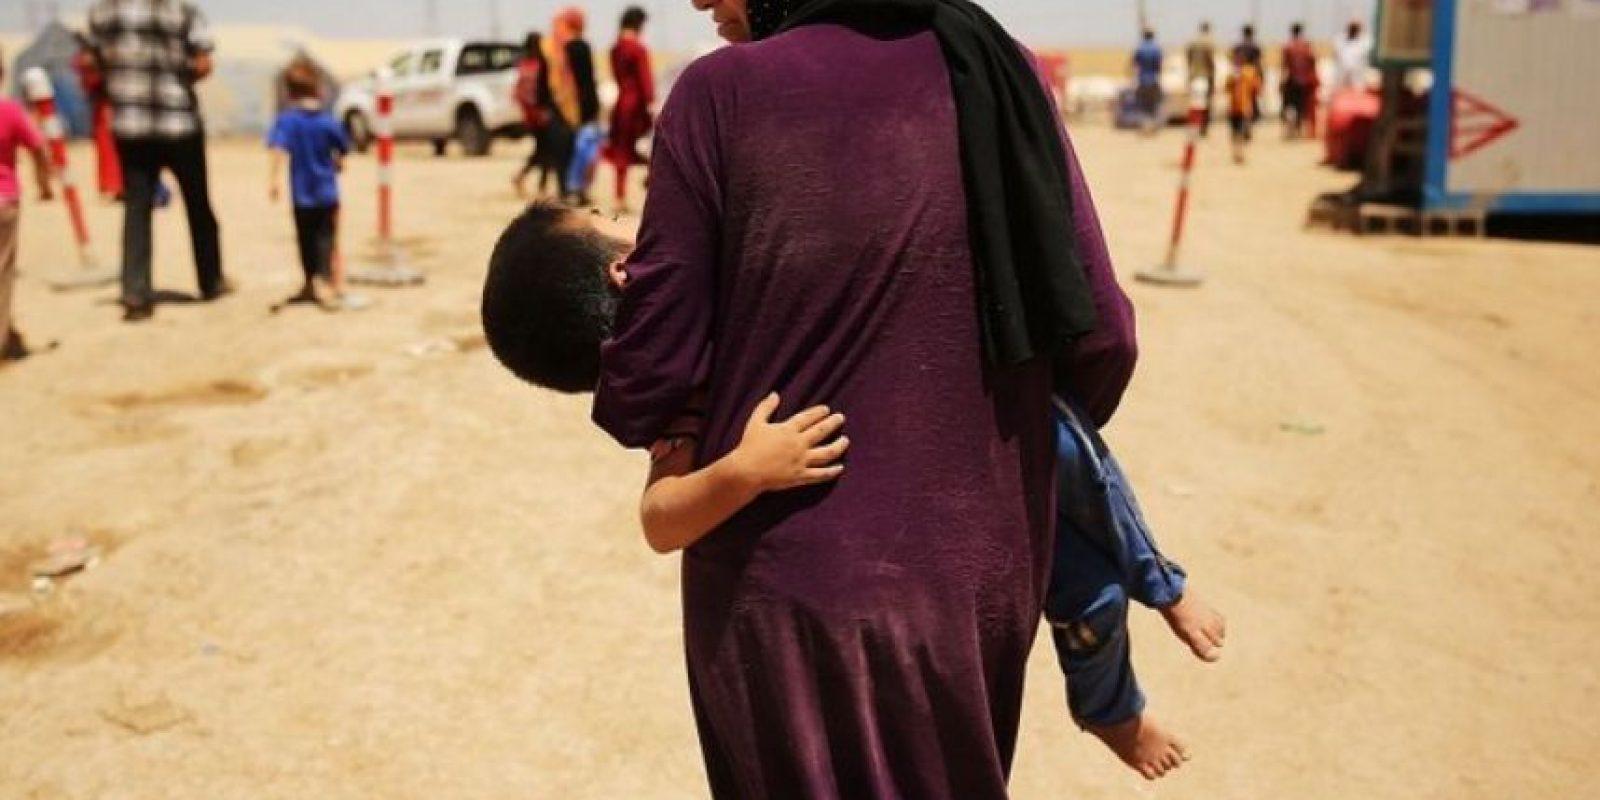 Una de las actividades que financian las operaciones terroristas del grupo Estado Islámico es la trata de personas. Foto:Getty Images